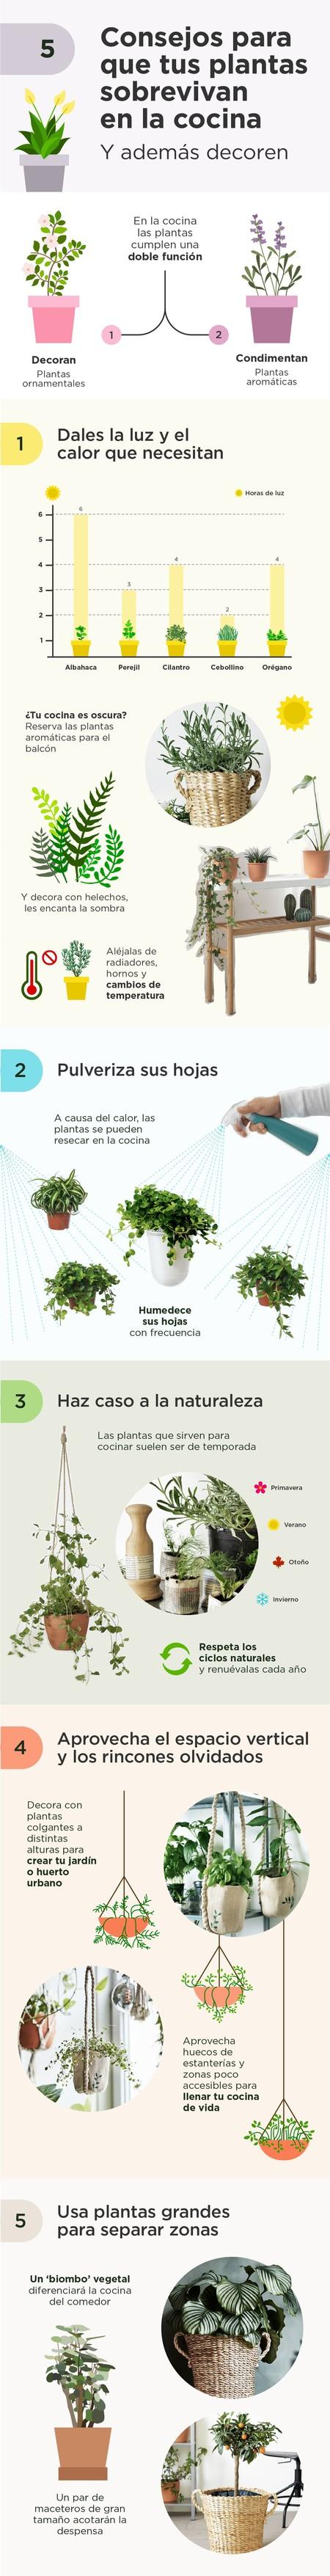 Infografia Ikea Plantas En La Cocina Min